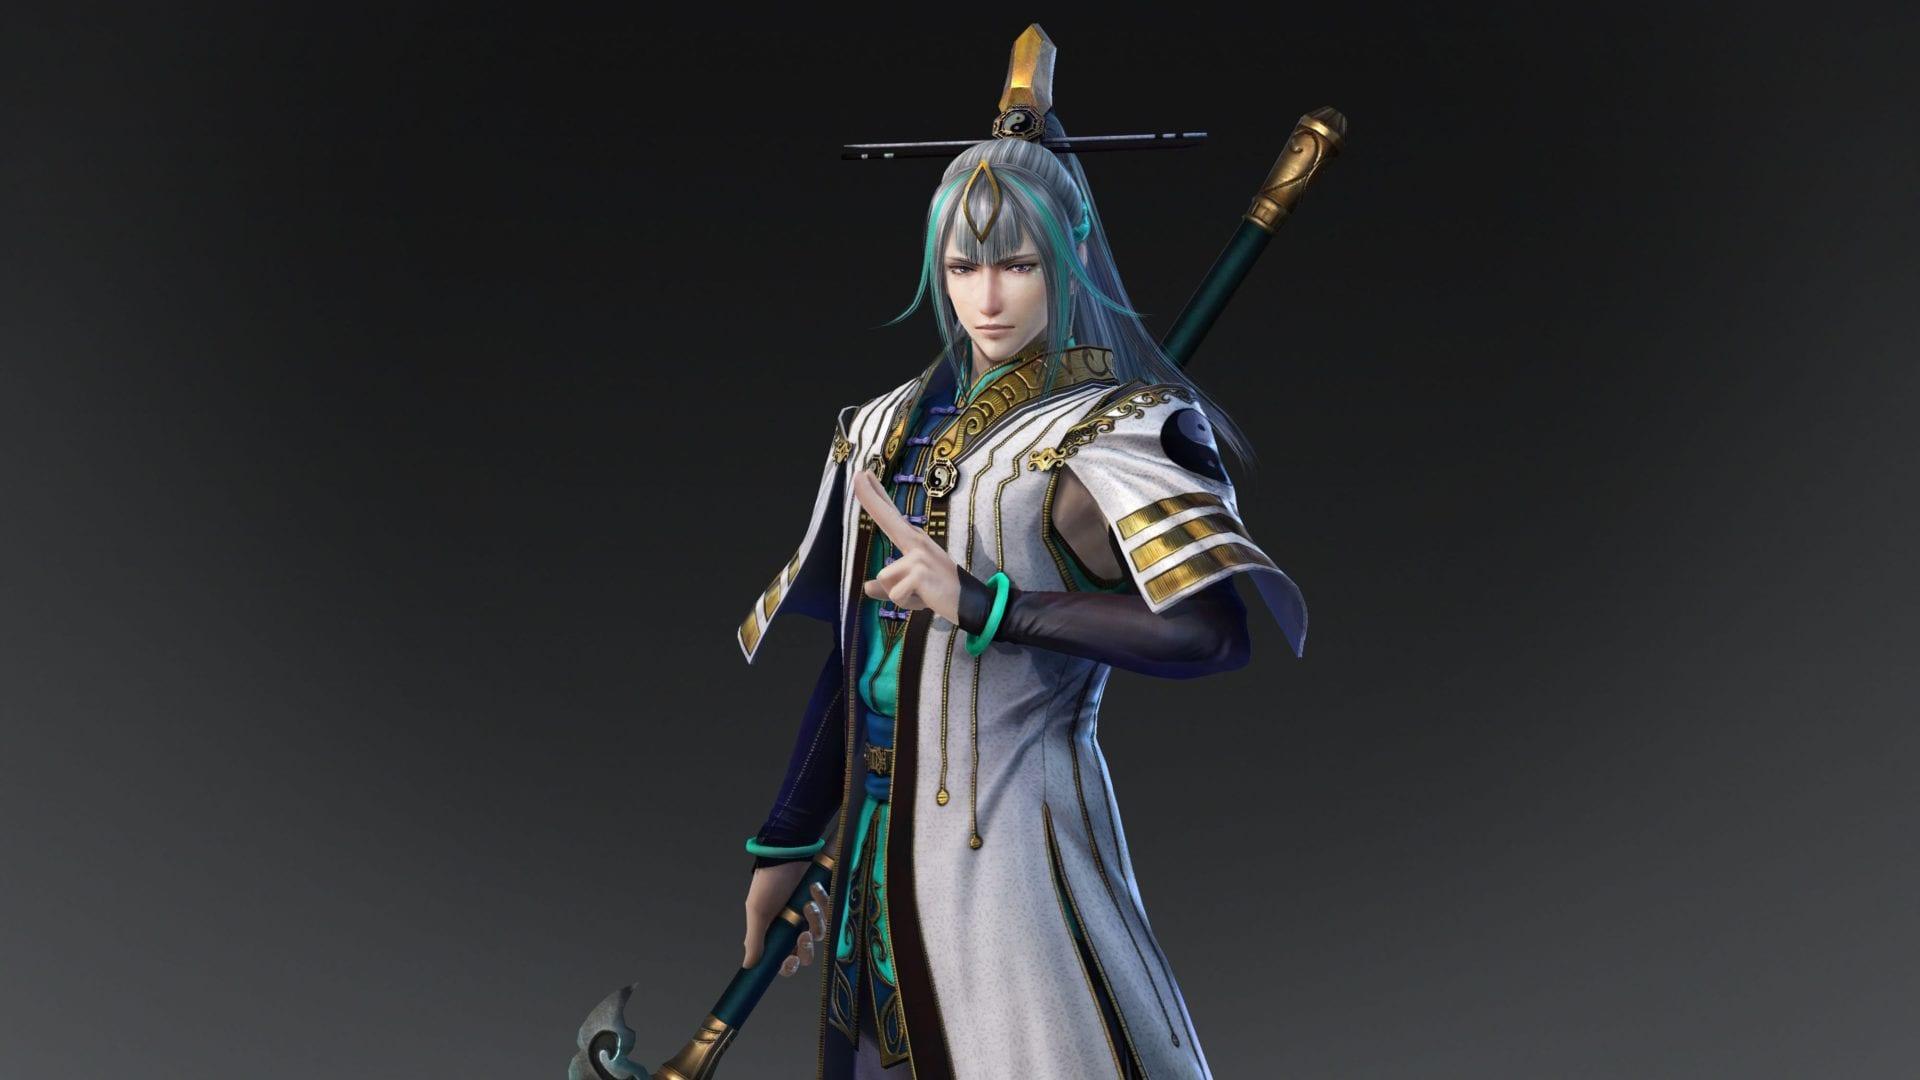 warriors orochi 4 ultimate, jian yang